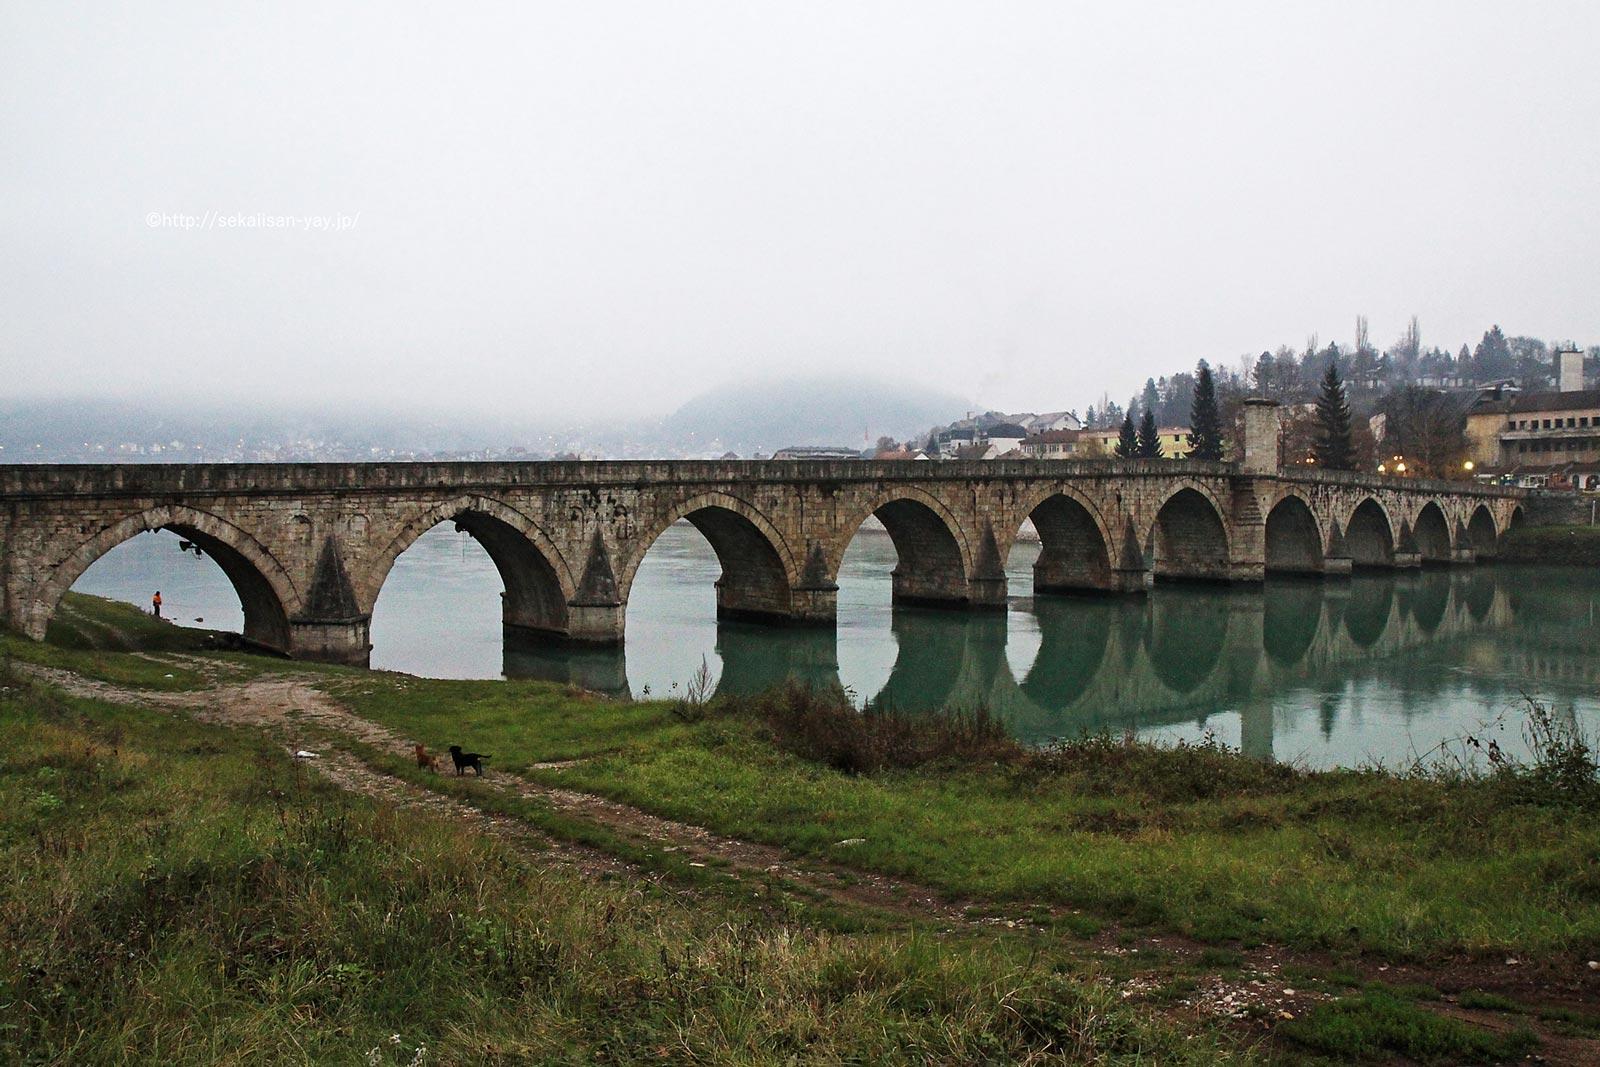 ボスニア・ヘルツェゴビナ「ヴィシェグラードのメフメド・パシャ・ソコロヴィッチ橋」